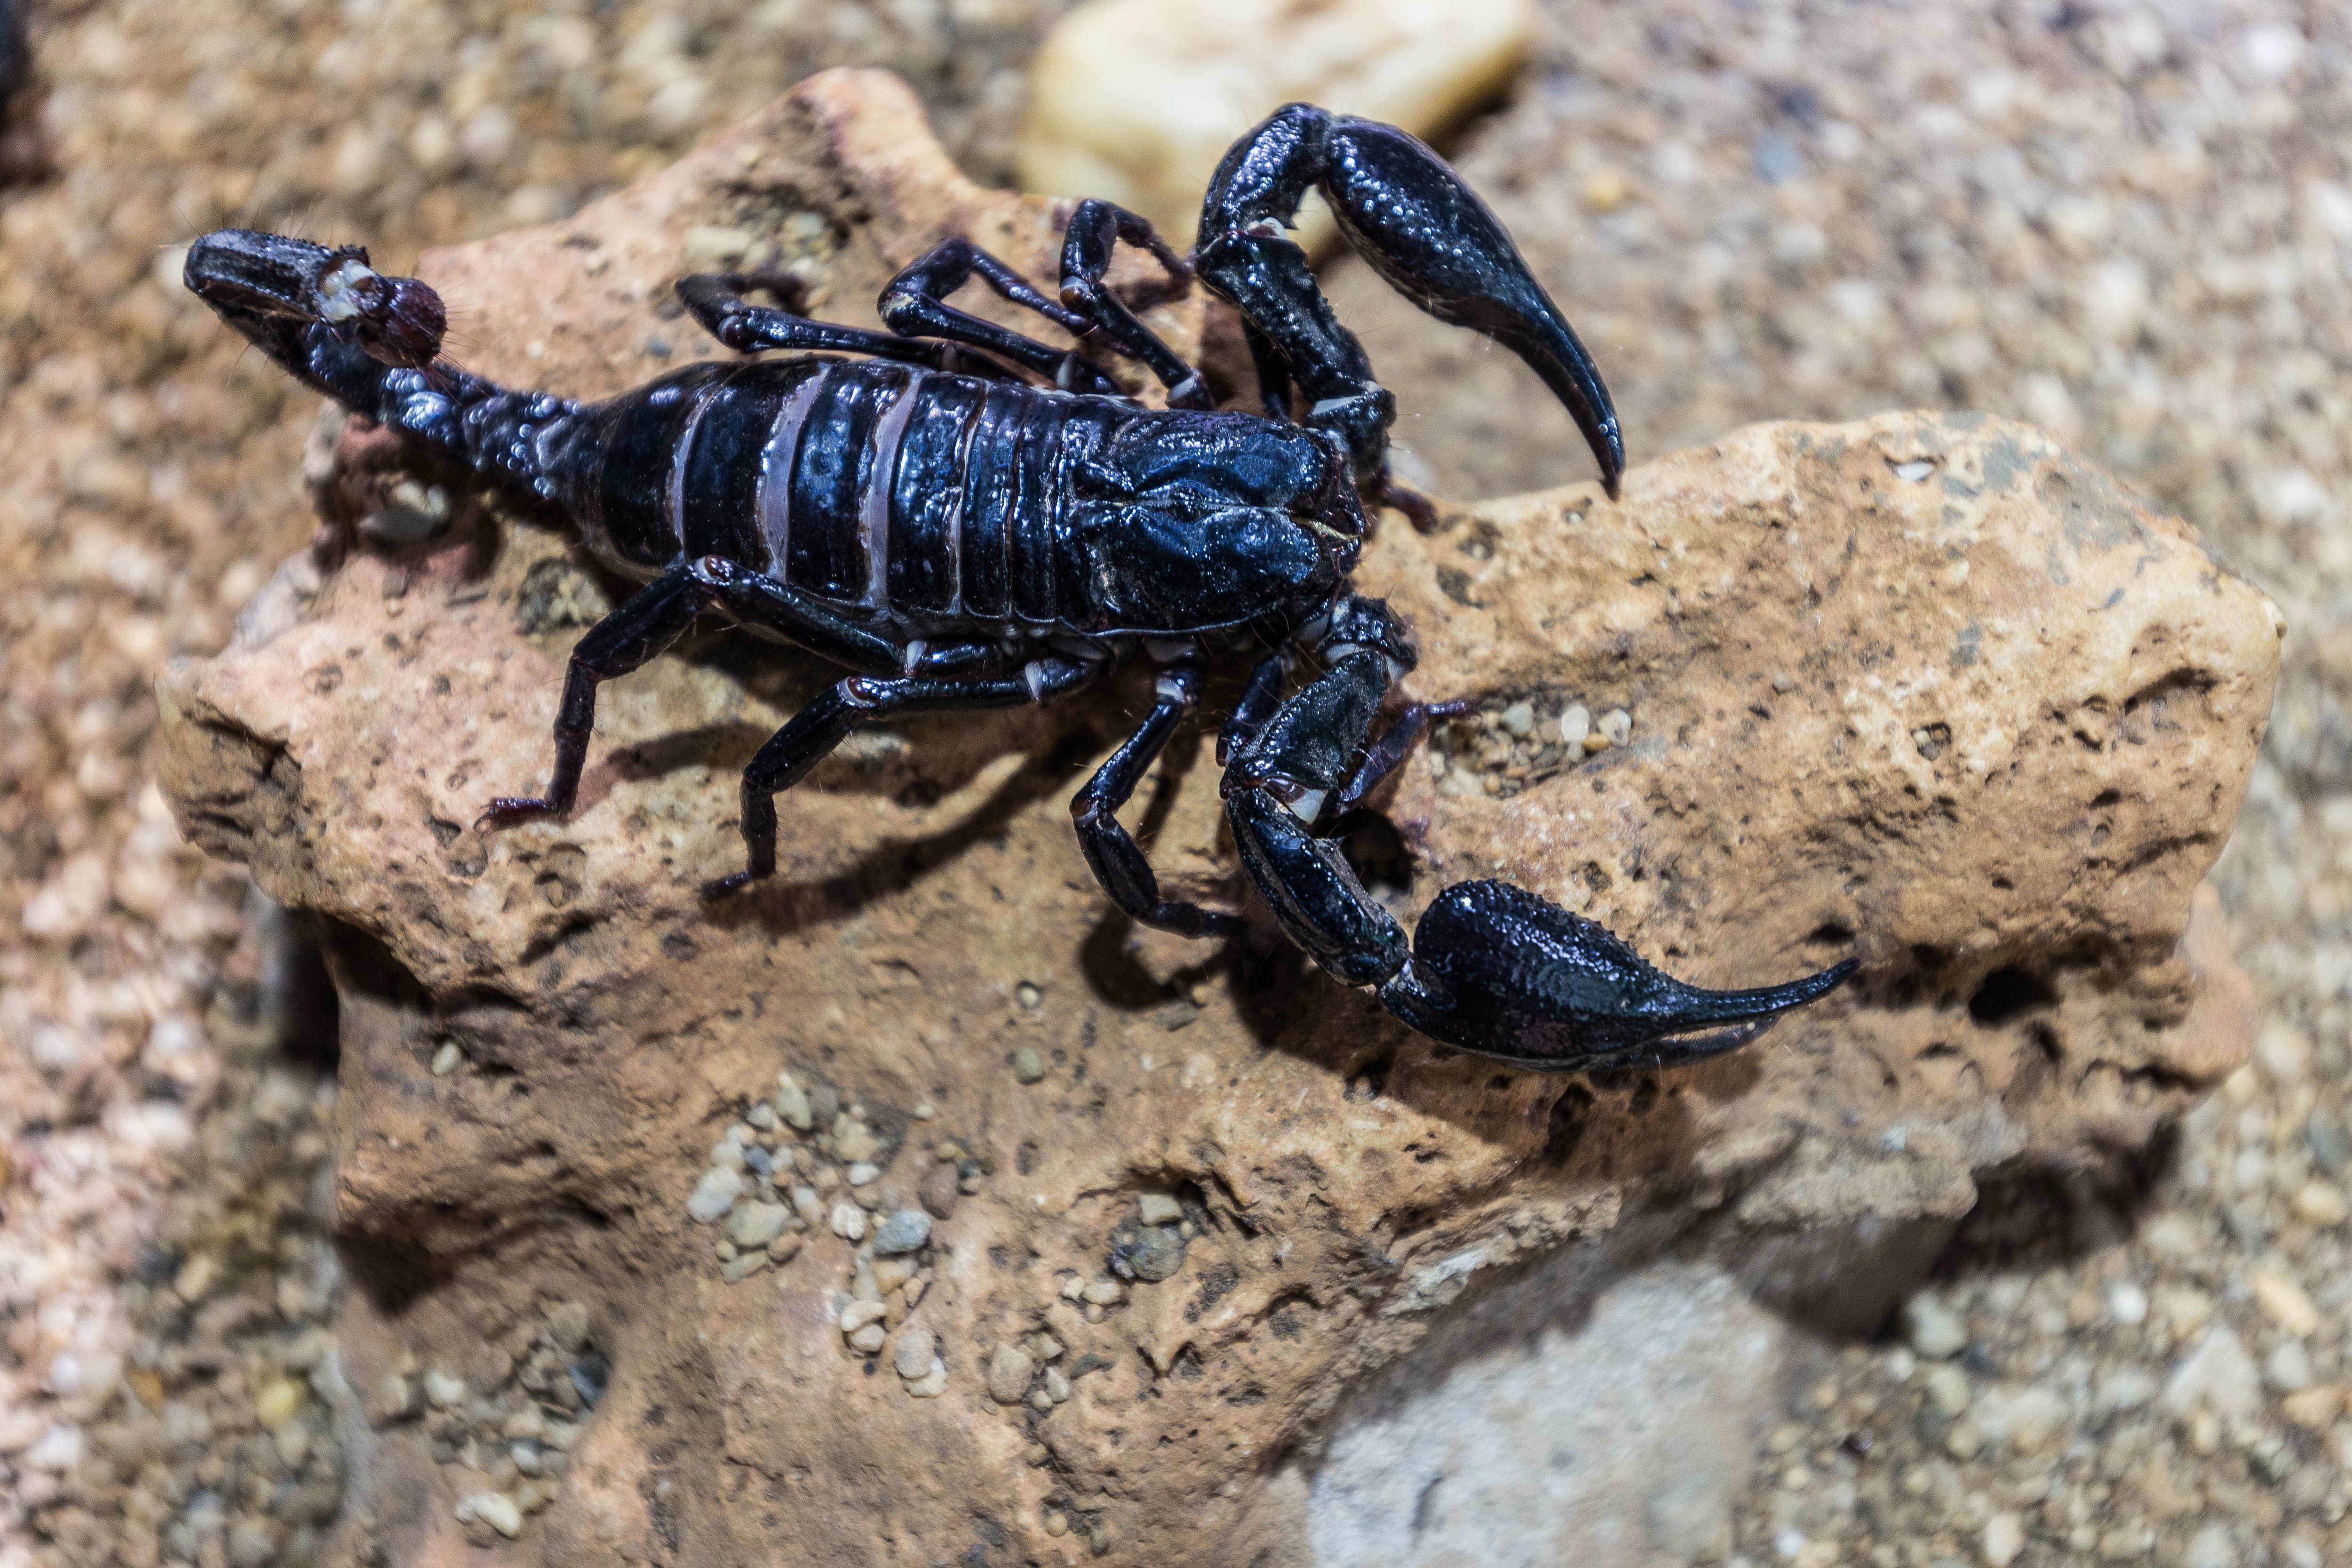 Morsures de serpents et piqûres de scorpions, le fléau estival